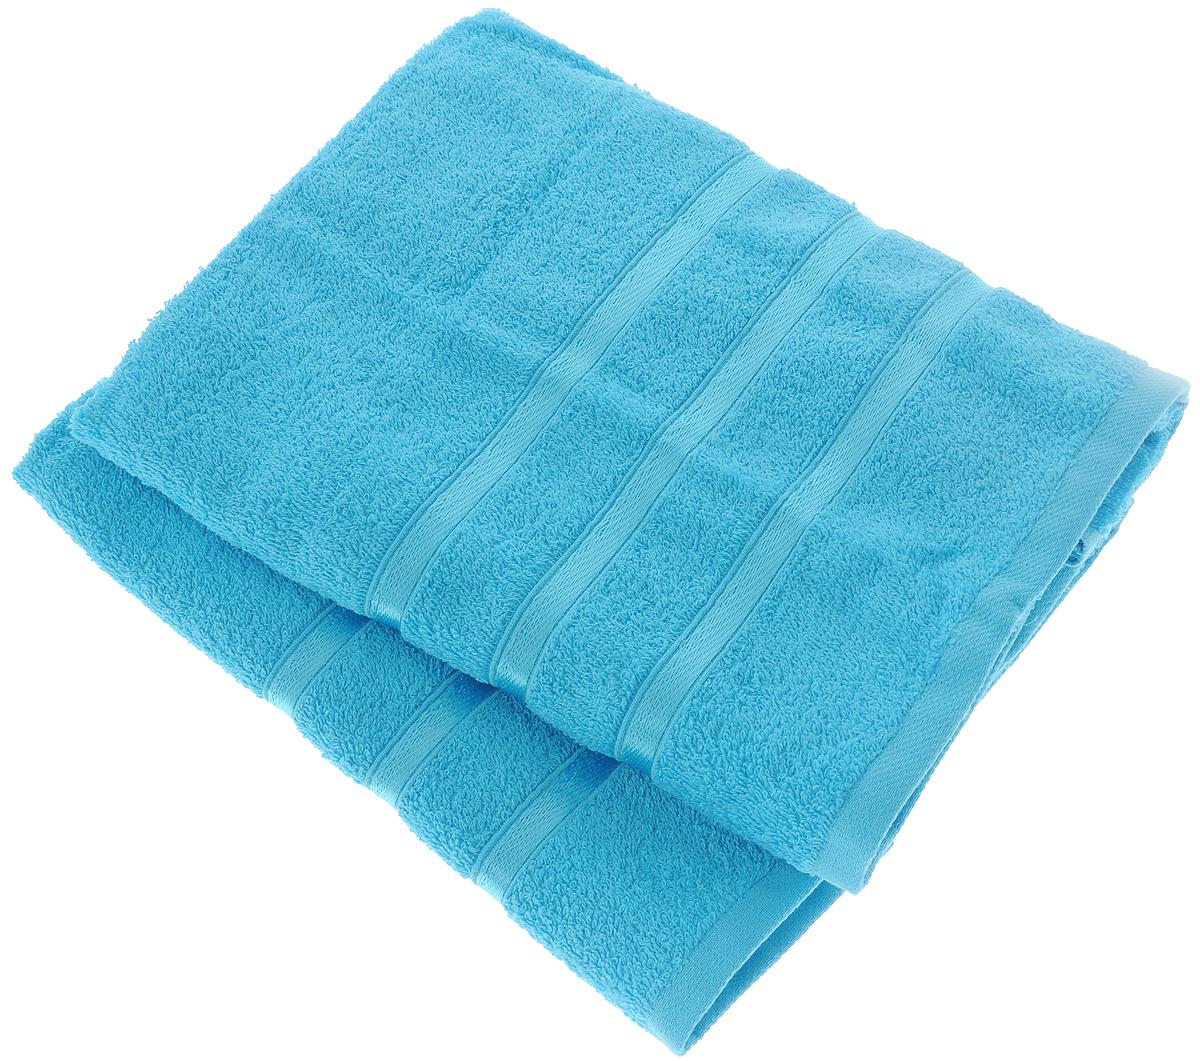 Набор полотенец Tete-a-Tete Ленты, цвет: бирюзовый, 50 х 85 см, 2 штУНП-101-15-2кНабор Tete-a-Tete Ленты состоит из двух махровых полотенец, выполненных из натурального 100% хлопка. Бордюр полотенец декорирован лентами. Изделия мягкие, отлично впитывают влагу, быстро сохнут, сохраняют яркость цвета и не теряют форму даже после многократных стирок. Полотенца Tete-a-Tete Ленты очень практичны и неприхотливы в уходе. Они легко впишутся в любой интерьер благодаря своей нежной цветовой гамме. Набор упакован в красивую коробку и может послужить отличной идеей для подарка.Размер полотенец: 50 х 85 см.